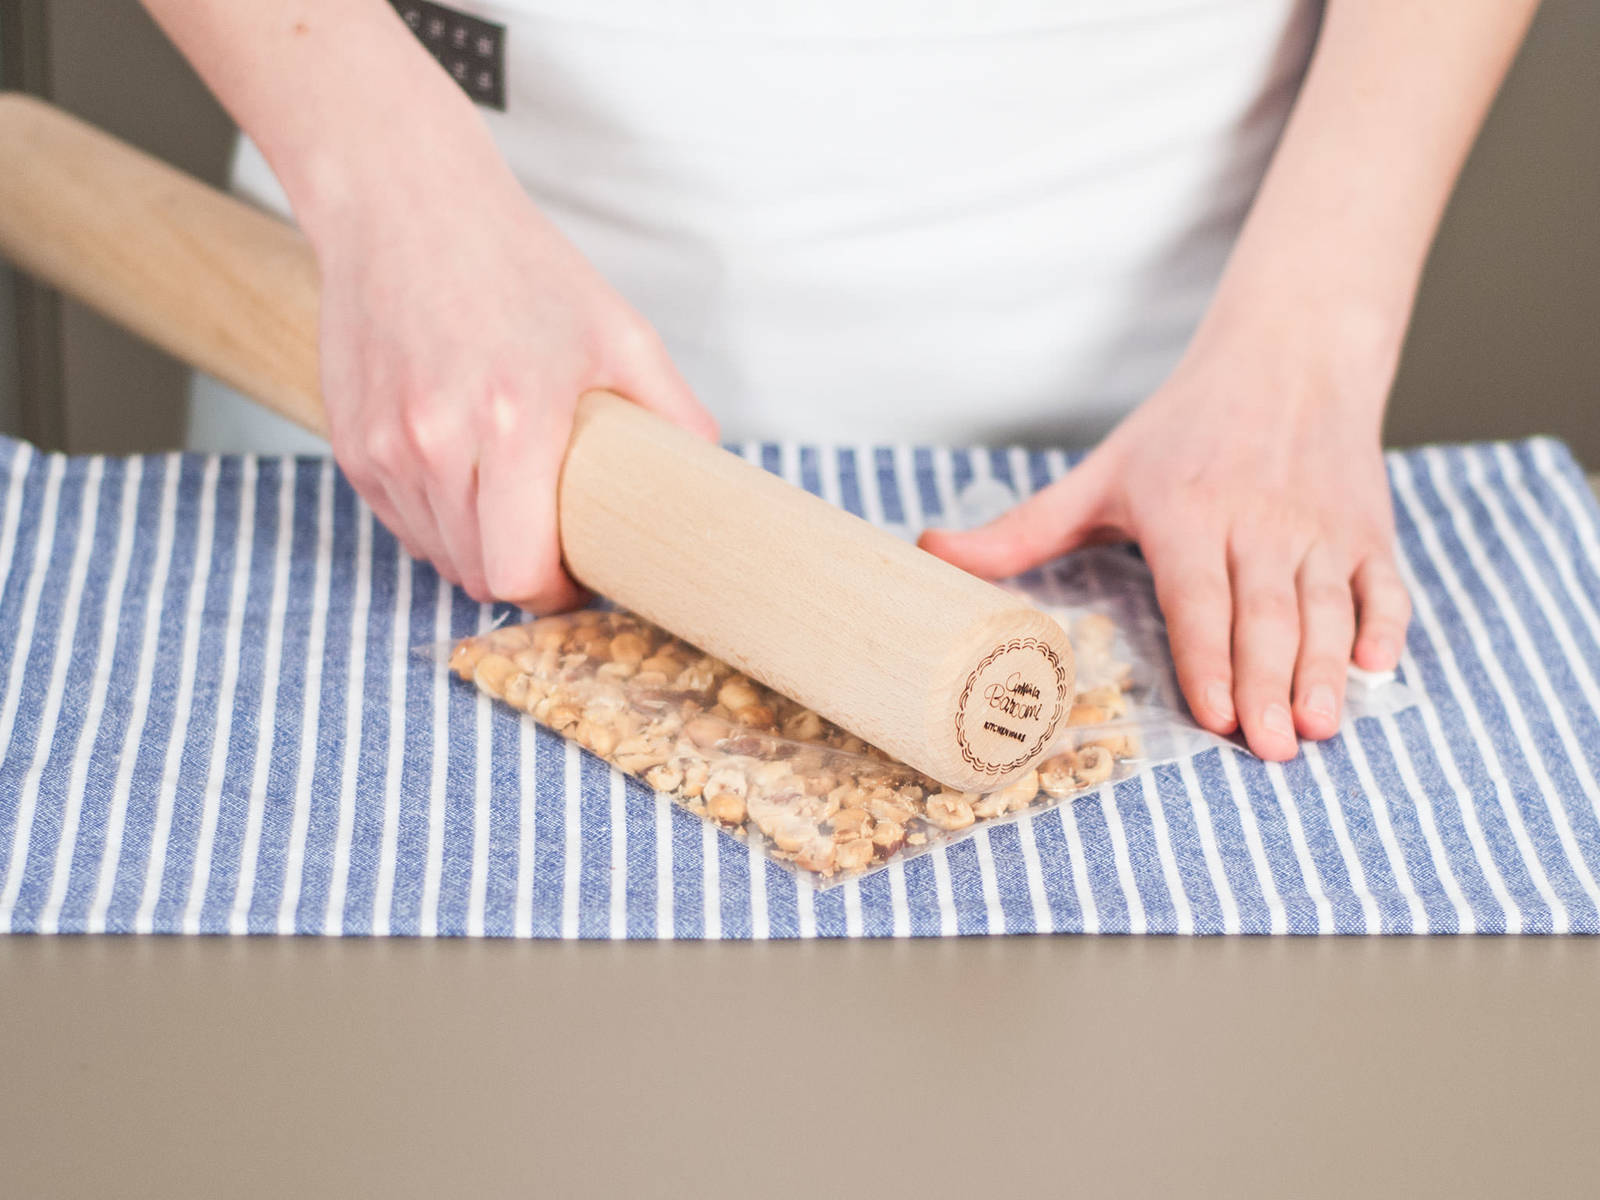 预热烤箱至180摄氏度。将榛子放入冷冻袋中,用擀面杖碾碎。